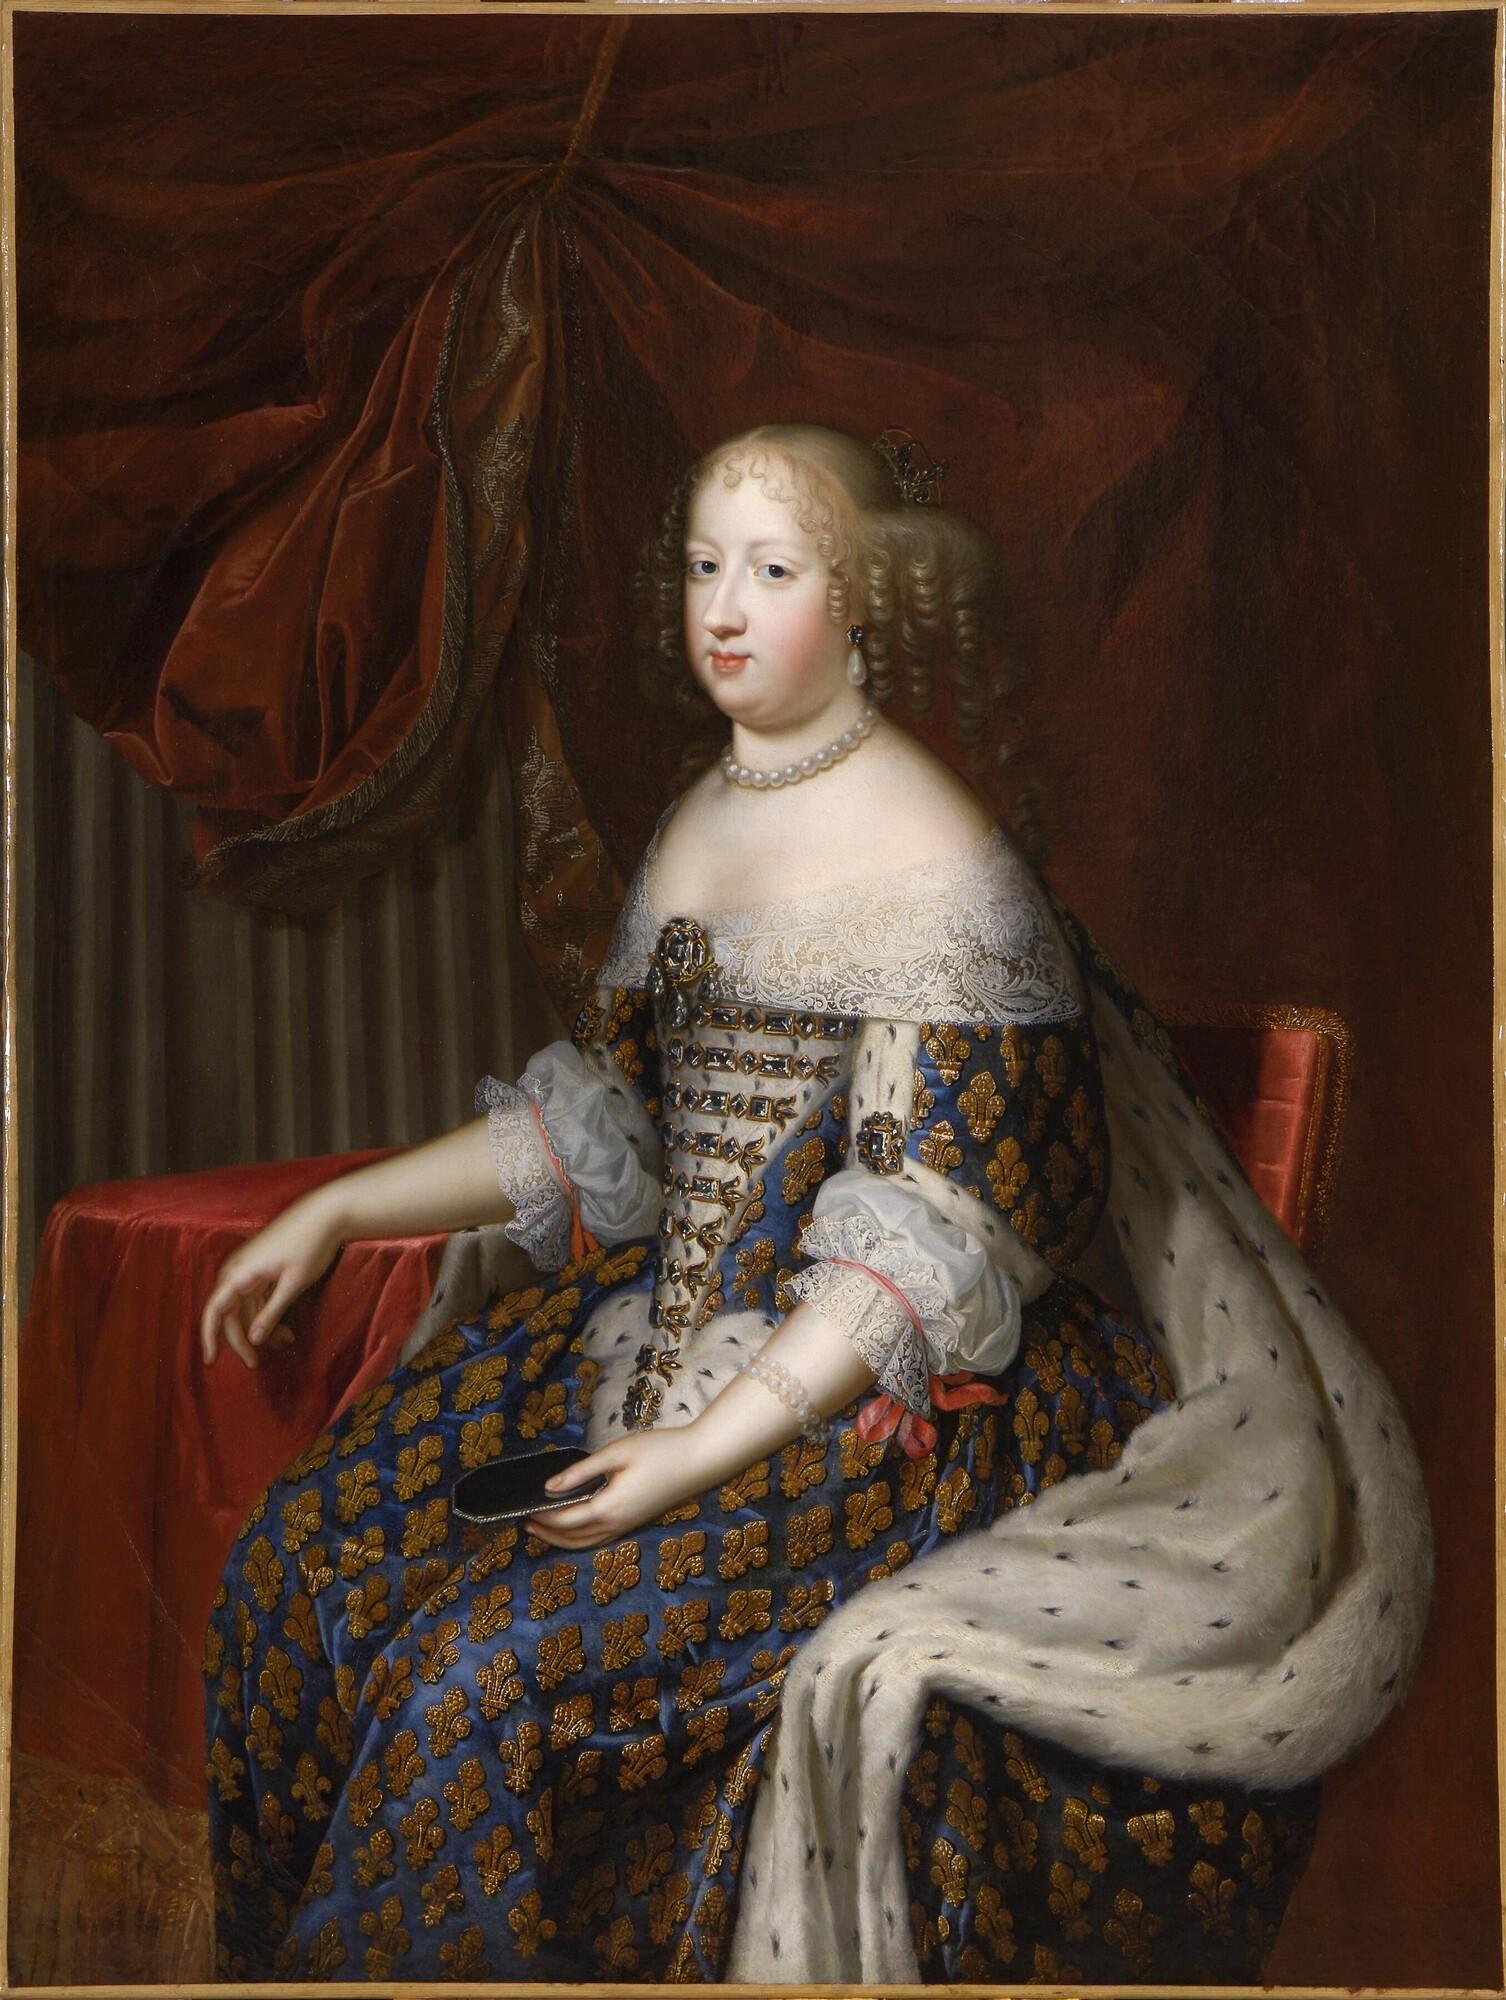 Marie-Thérèse_d'Autriche,_reine_de_France